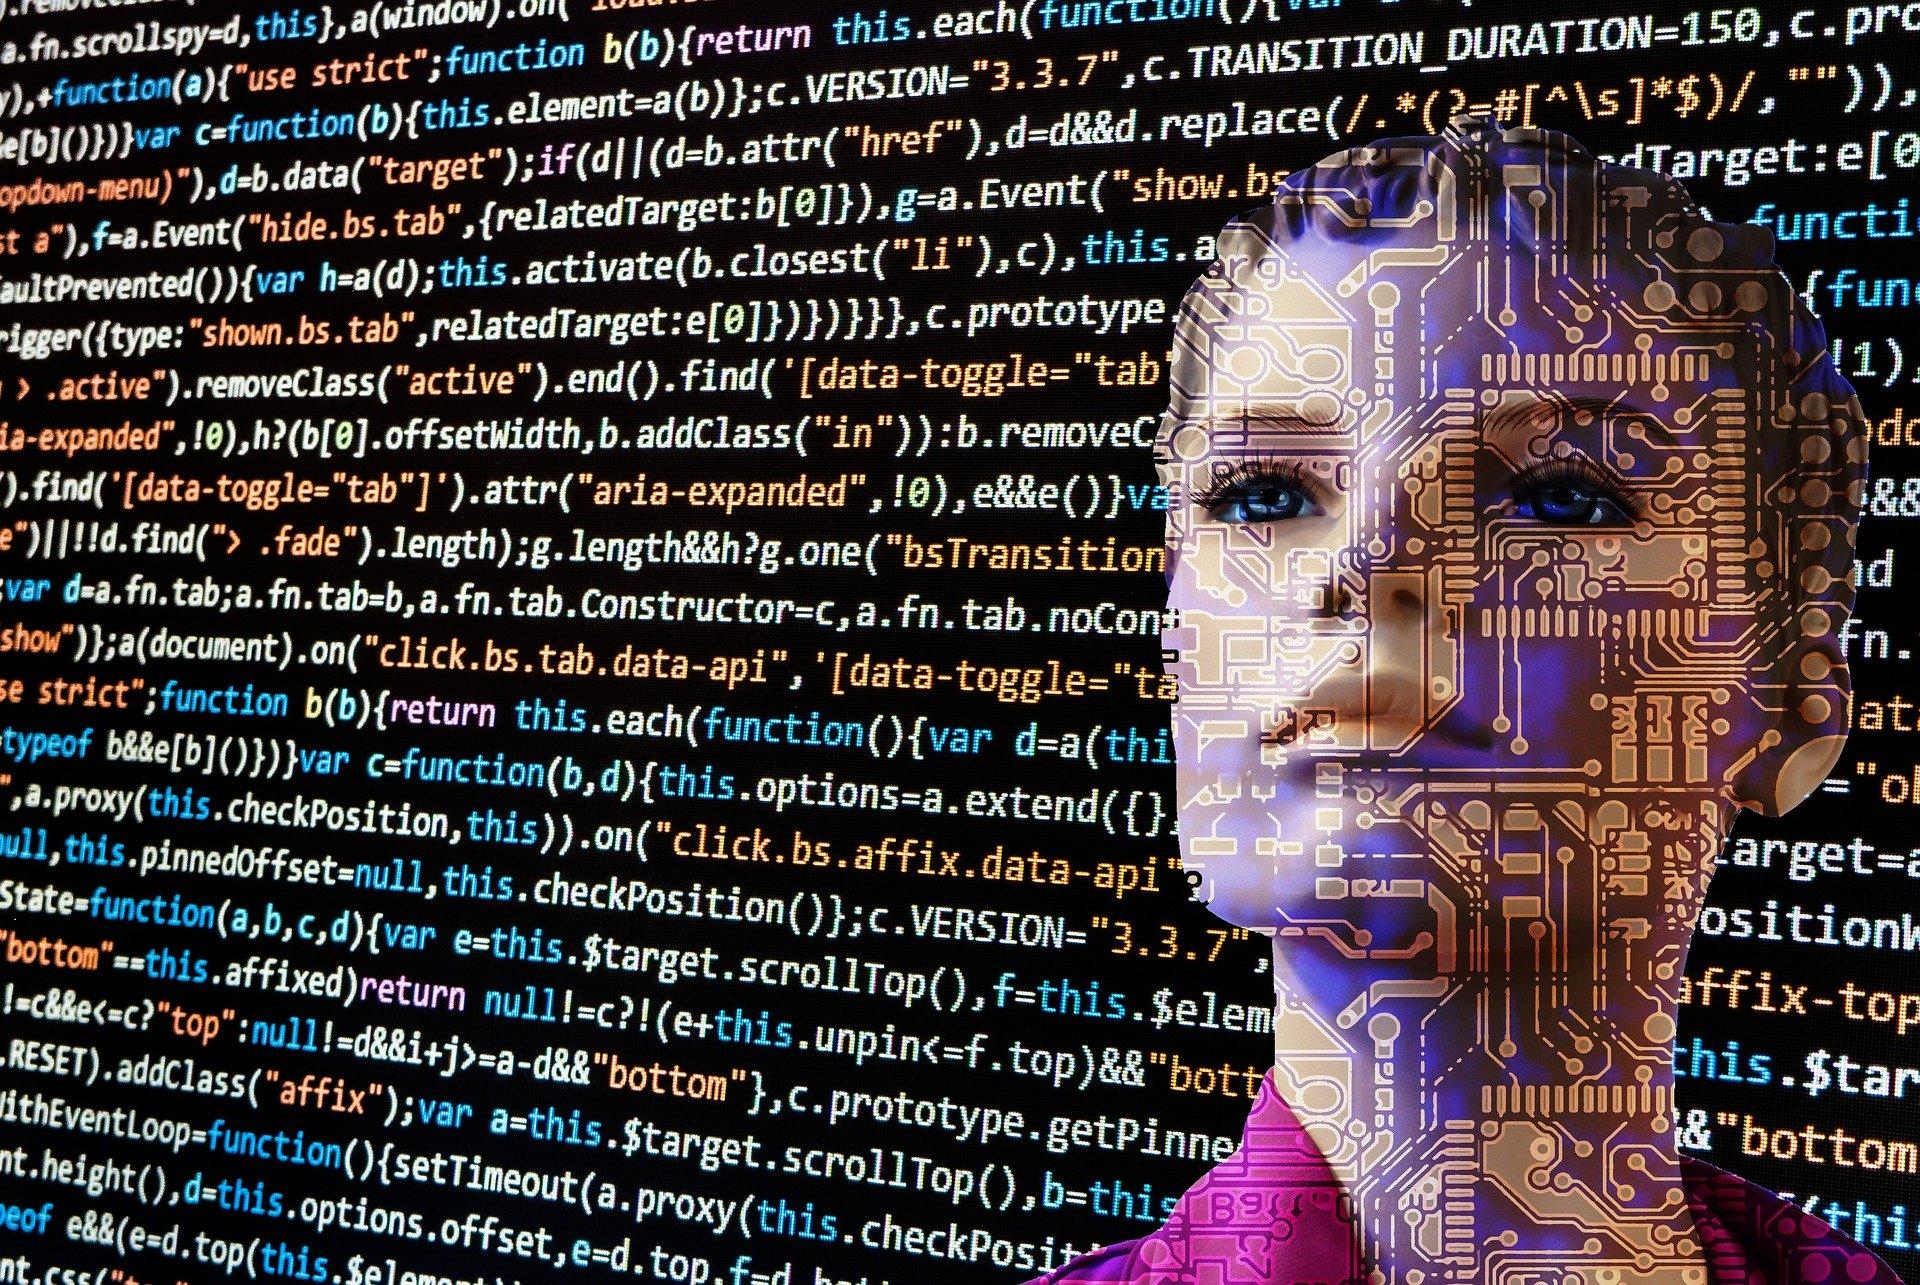 徹底解説 ! 機械学習とは? AI (人工知能)やディープラーニングの違いについて